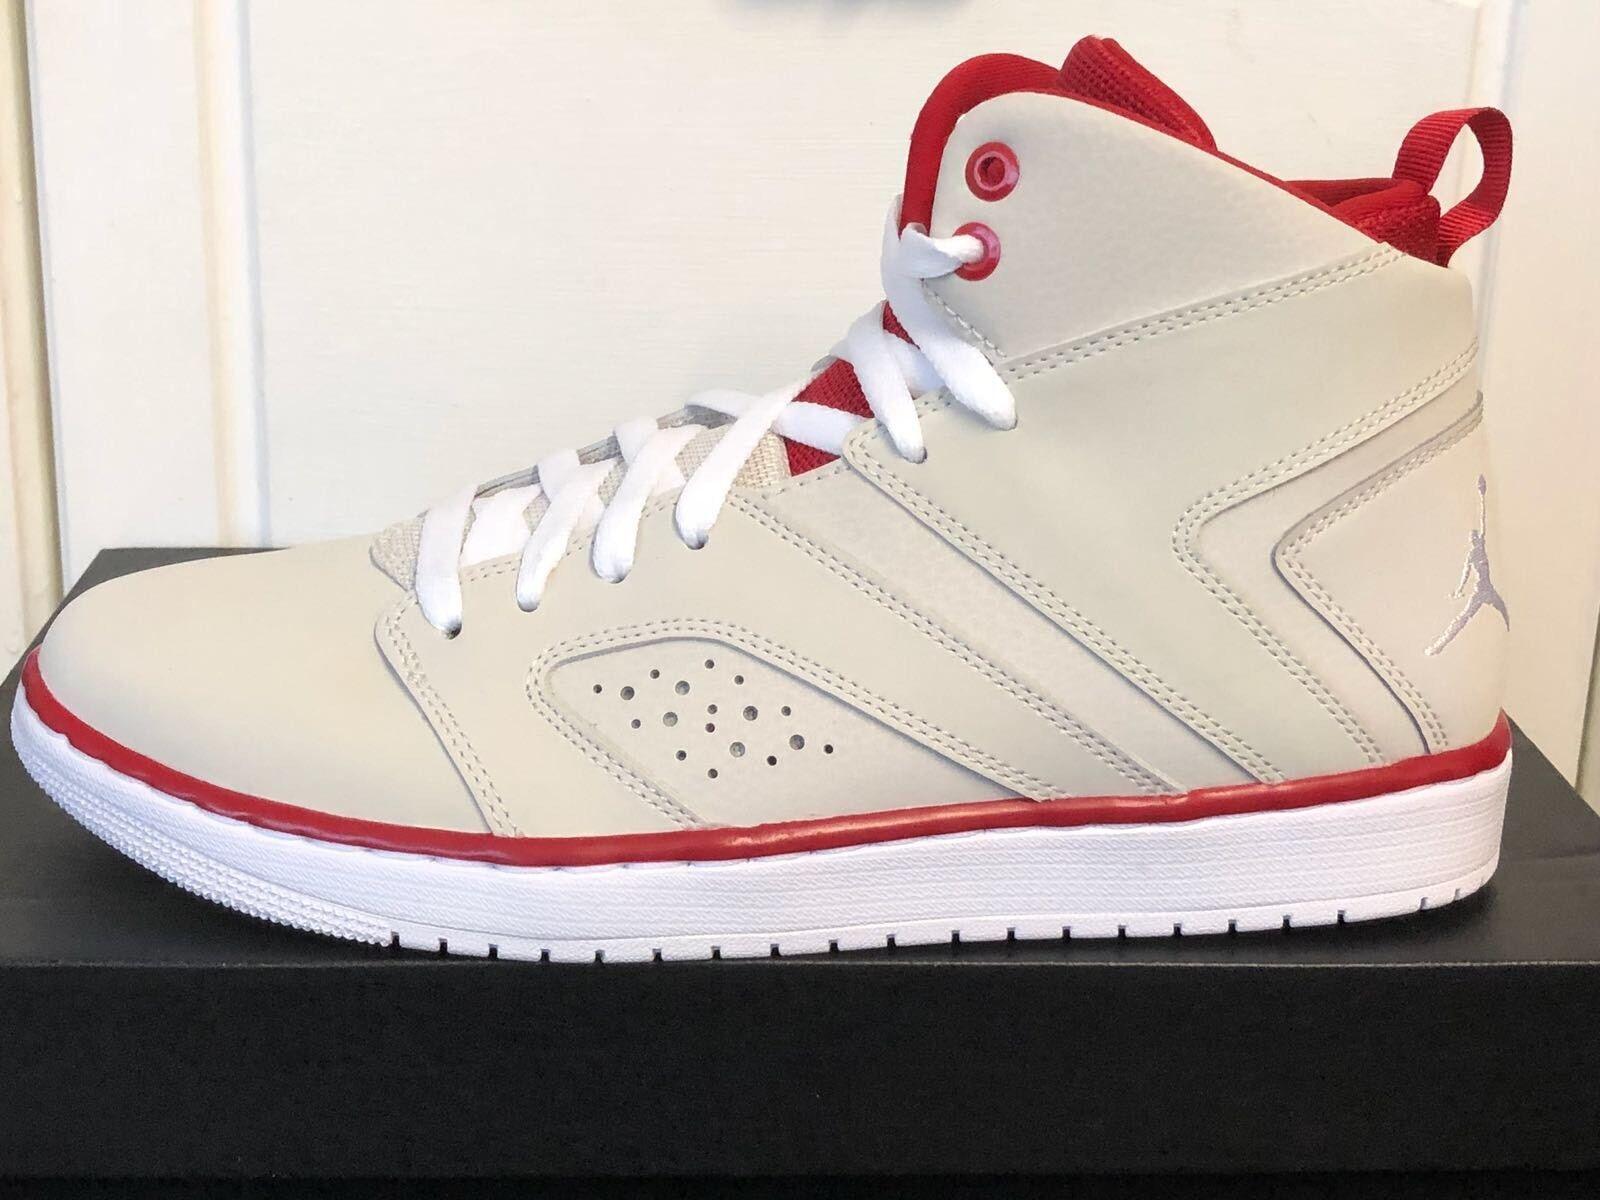 Los últimos zapatos de descuento para hombres y mujeres Jordan Flight leyenda Crema de Color Zapatos para hombre Talla Uk8 42.5 Nueva con caja